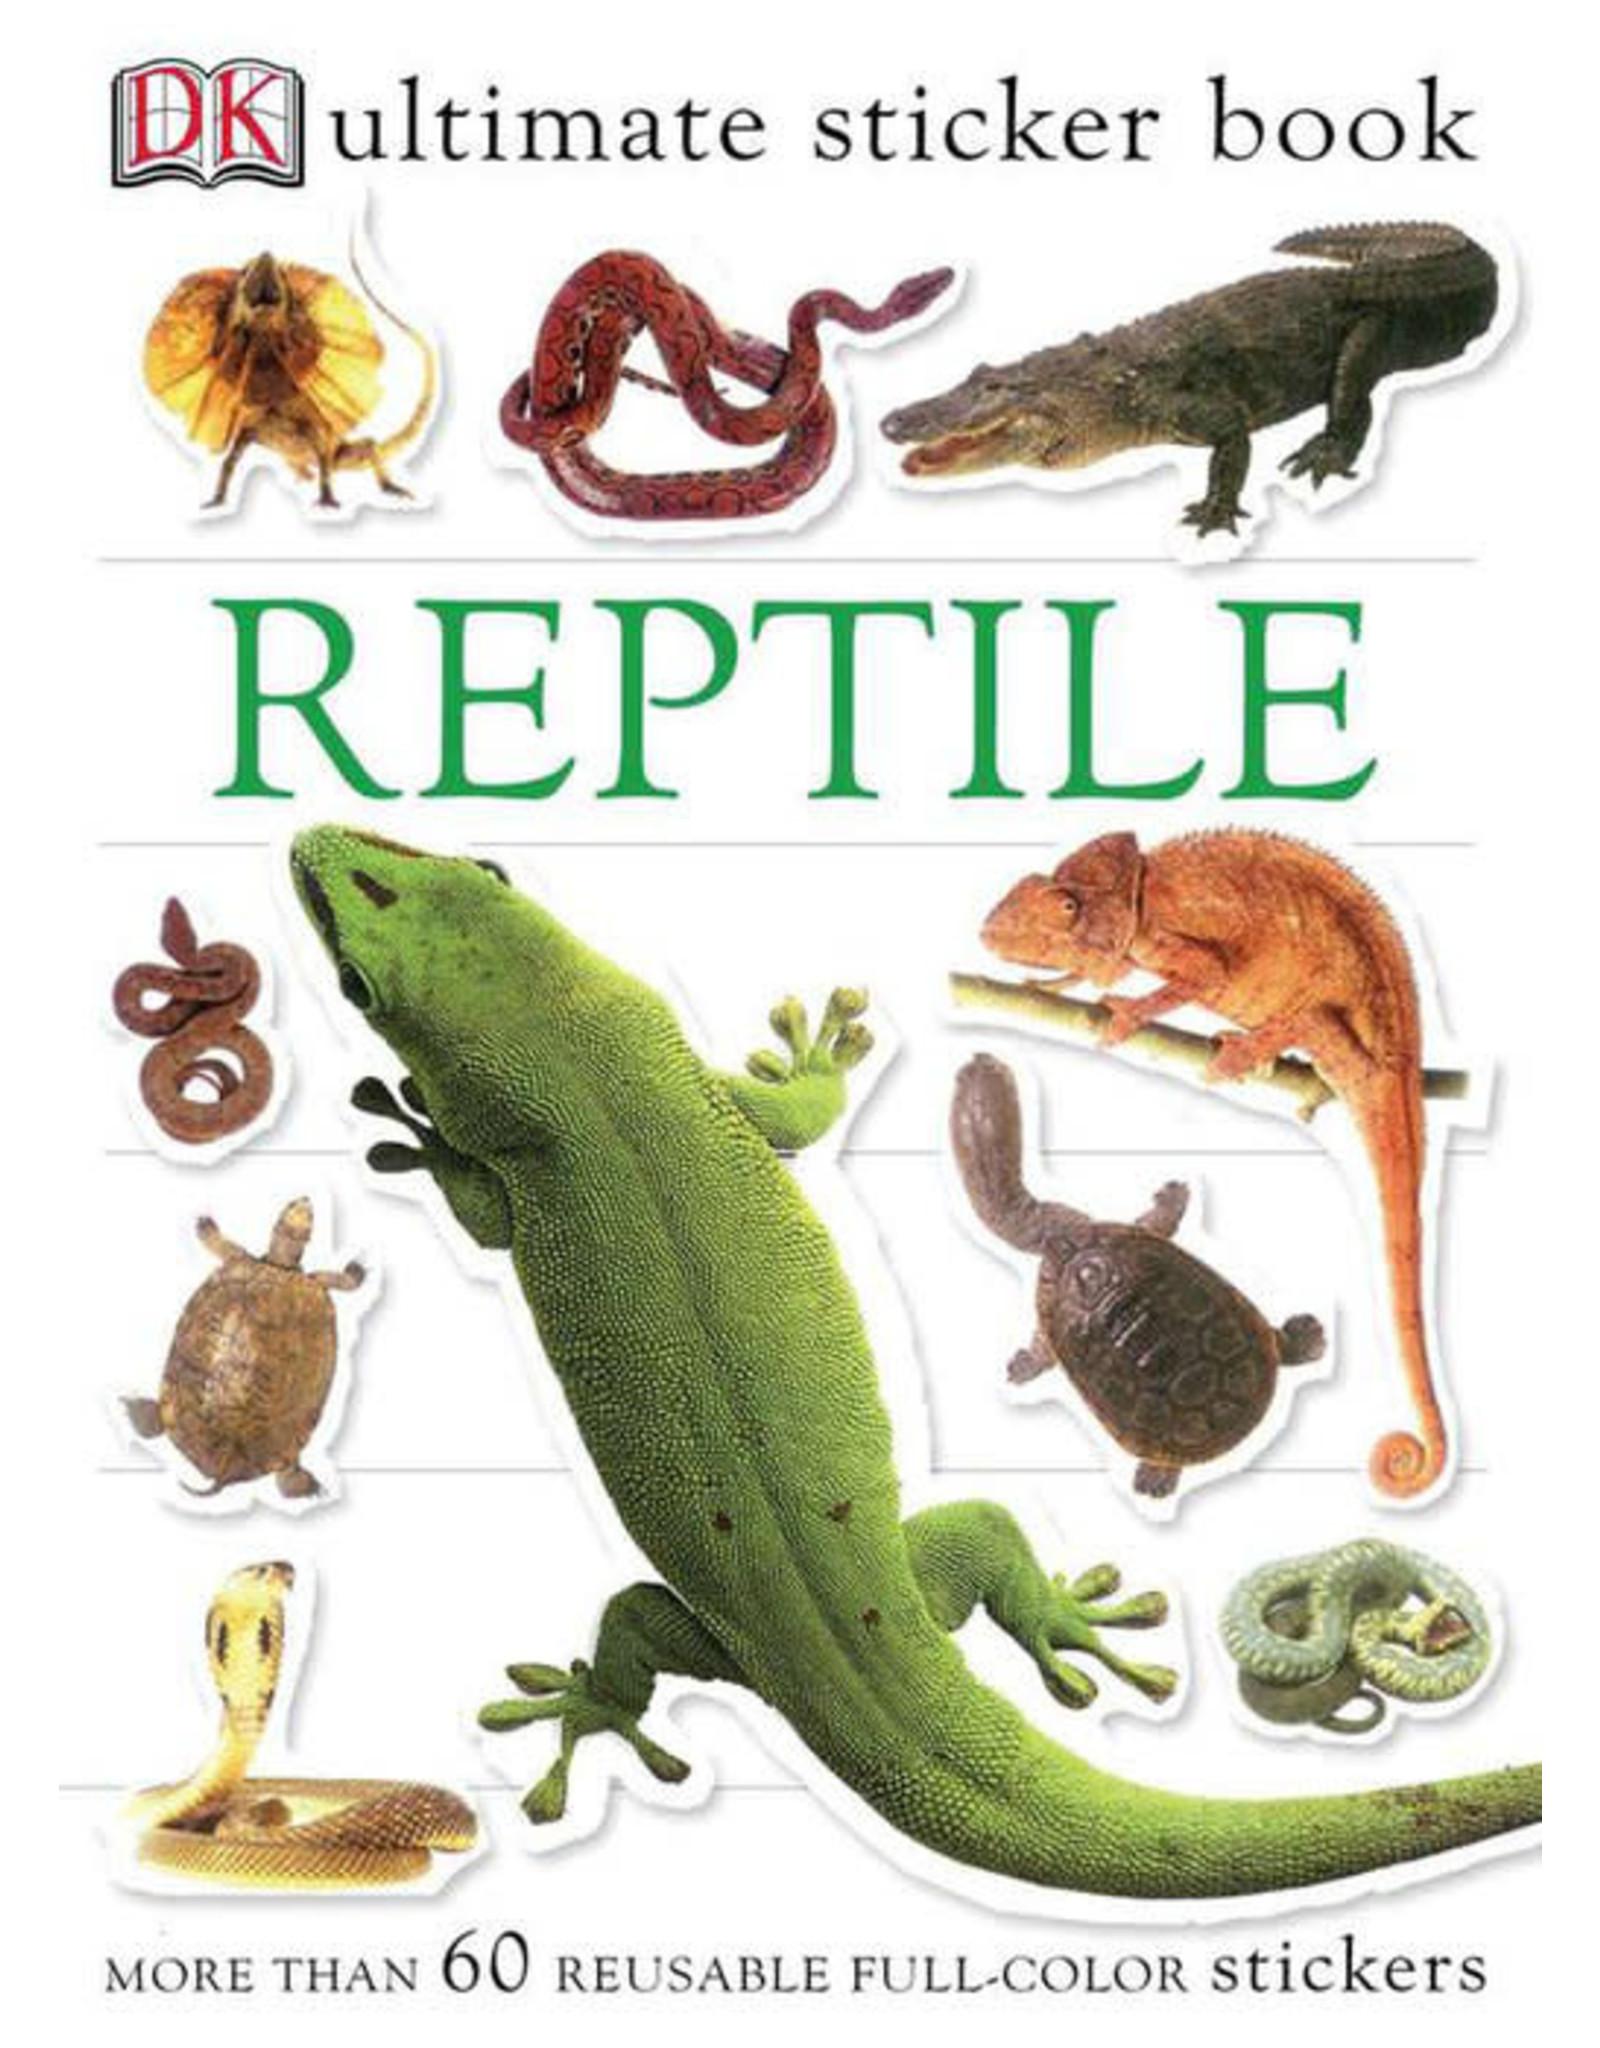 DK Reptile Ultimate Sticker Book